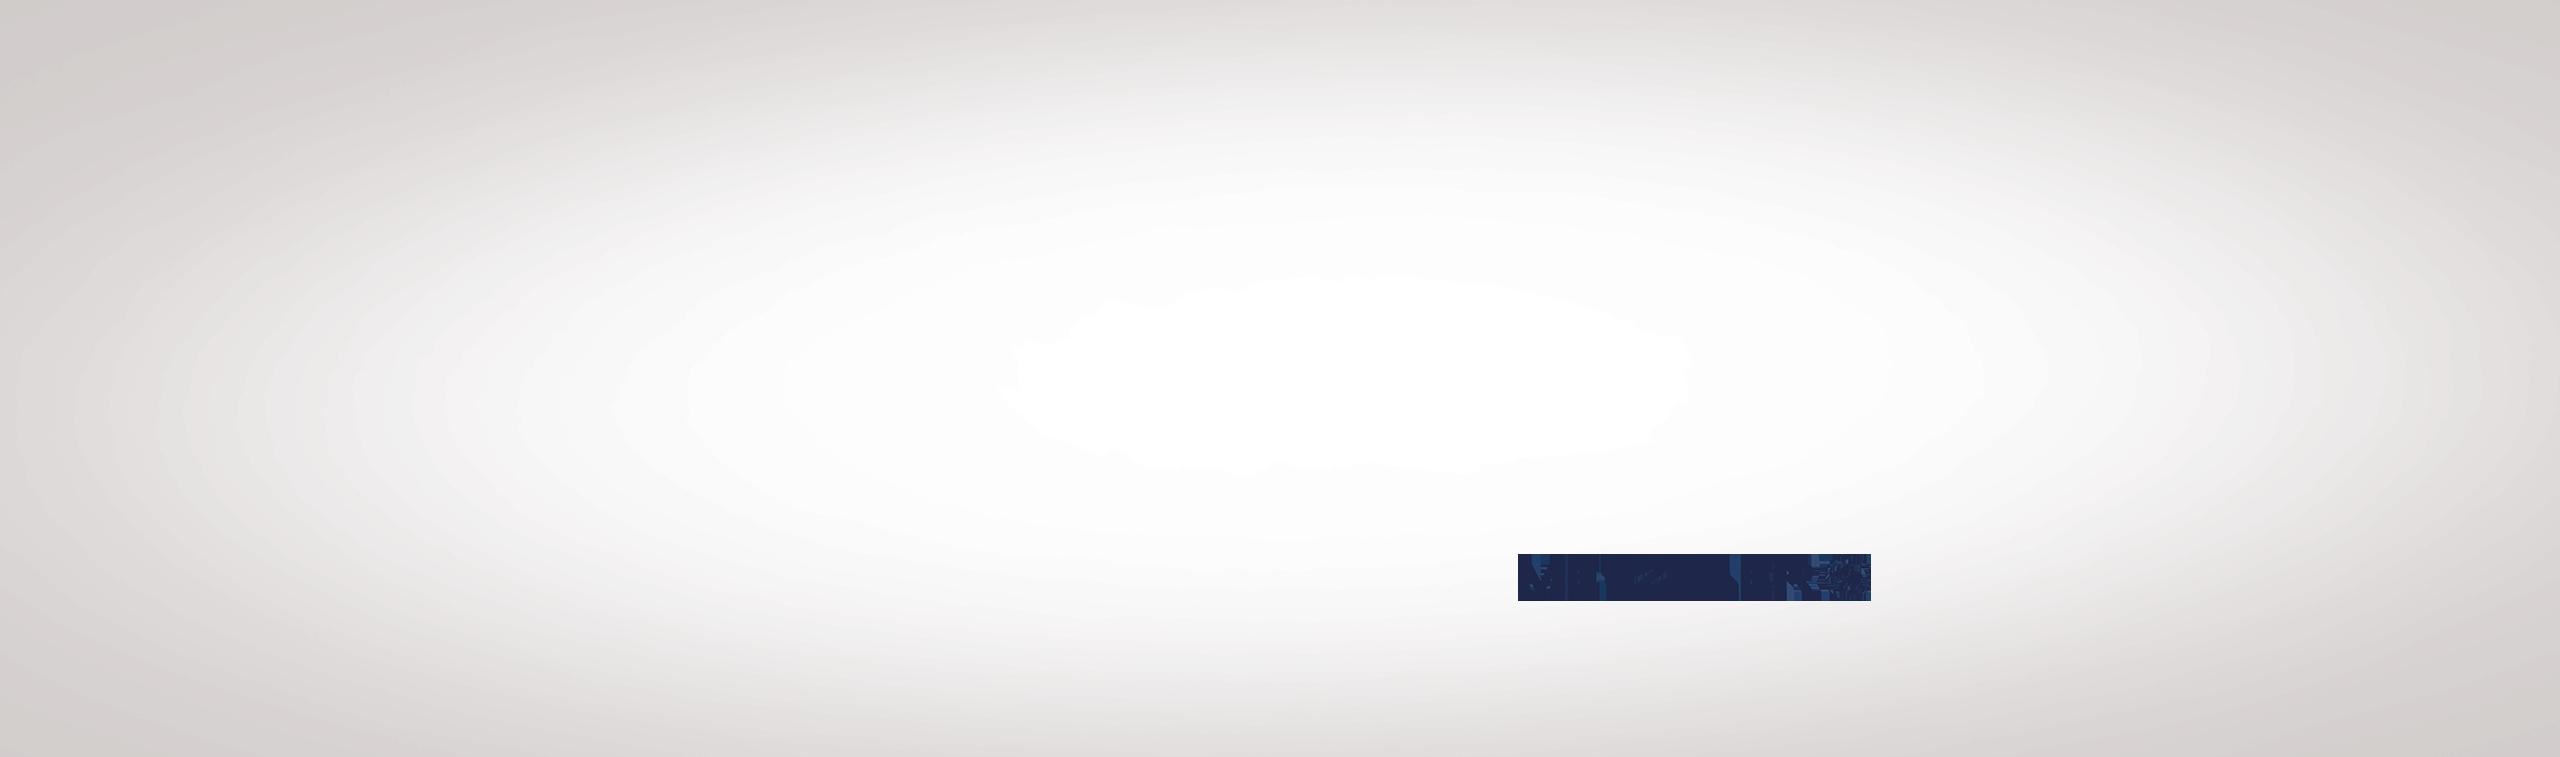 009 logo Metzeler Slider